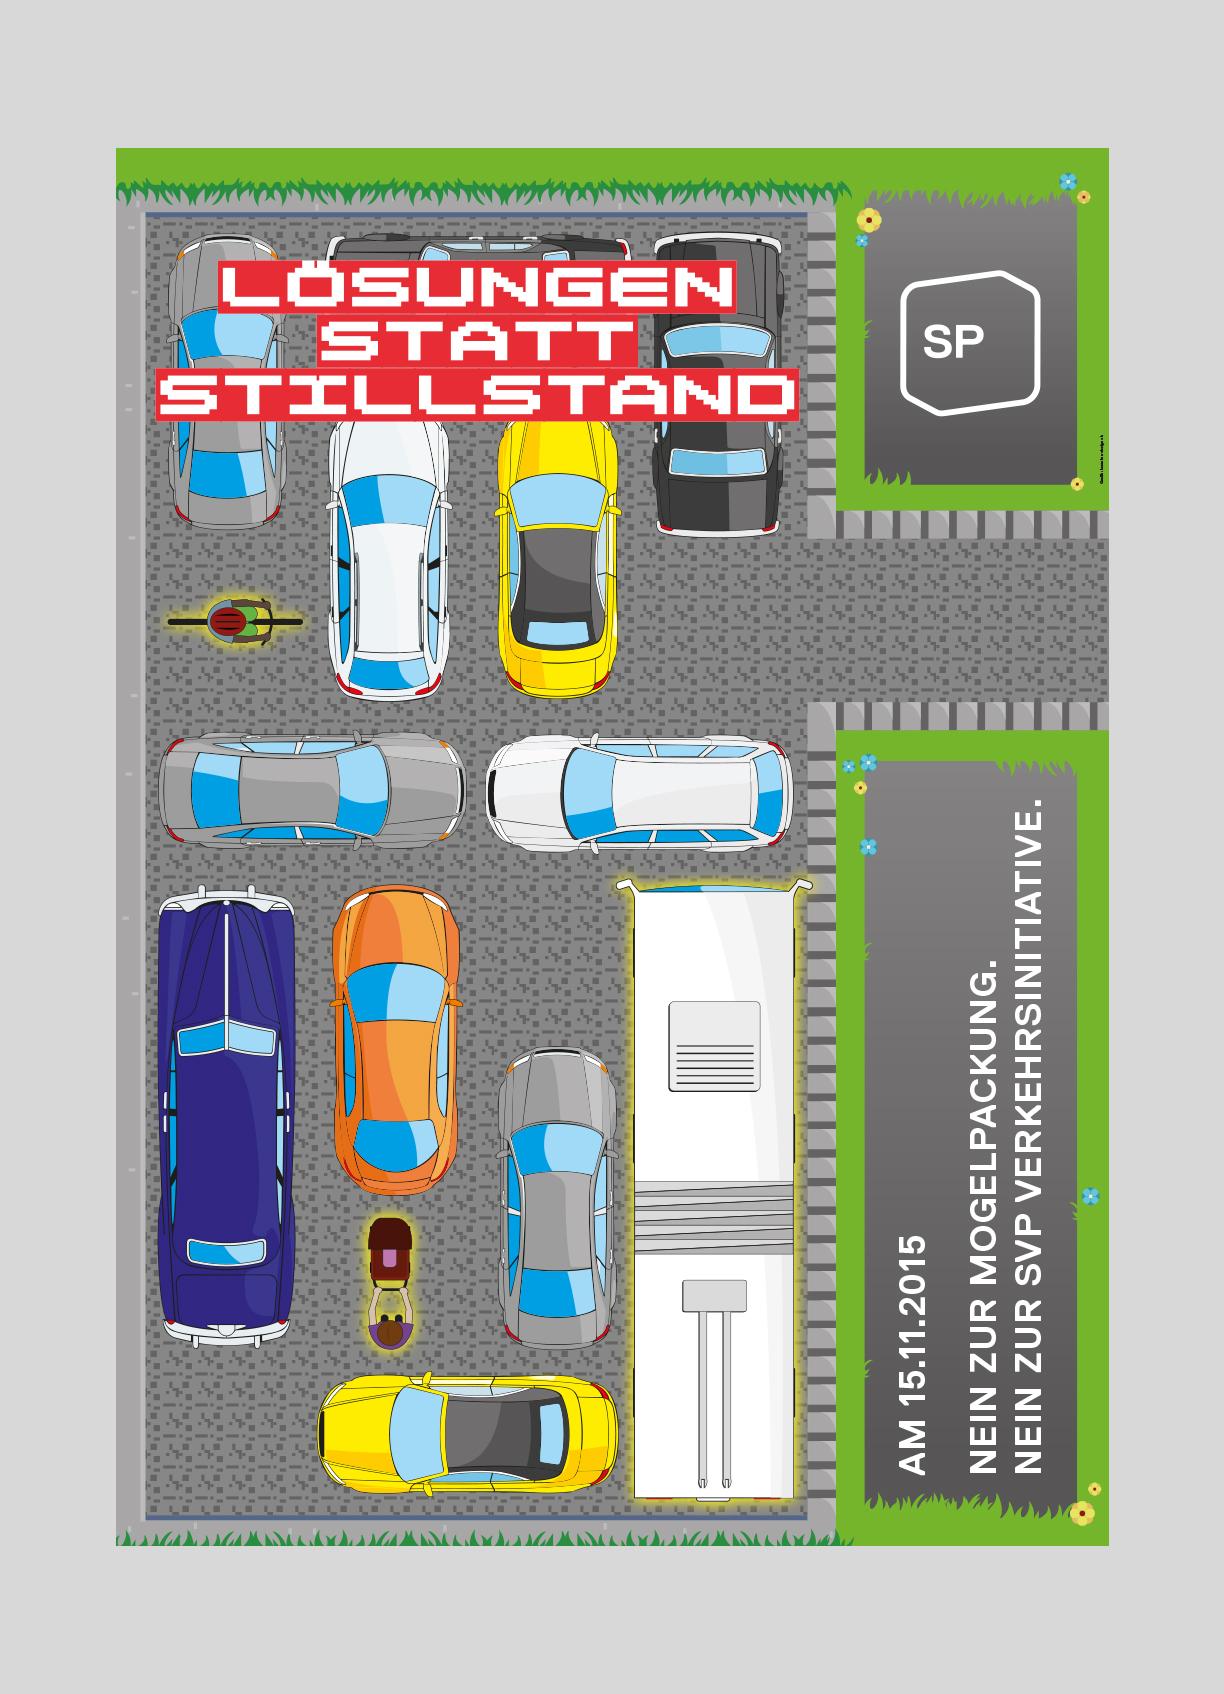 SP Stadt Luzern – SVP Verkehrsinitiative   2015   Abstimmungsplakat, gegen den Ausbau des Autoverkehrs auf Kosten der anderen Verkehrsteilnehmer.